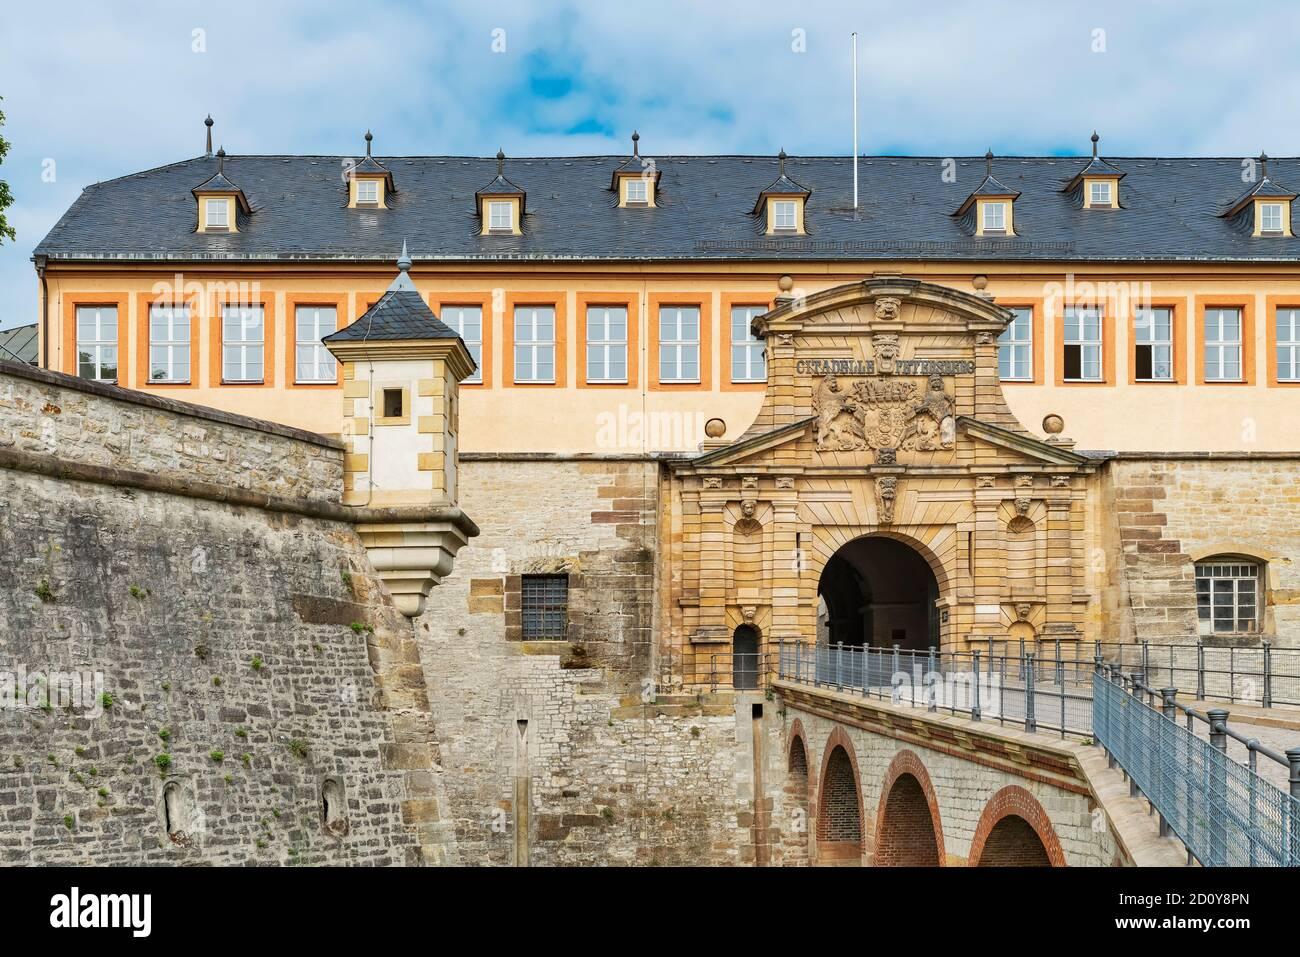 La antigua casa del comandante con Peterstor está situada en el Peterberg. La ciudadela barroca se encuentra en Erfurt, Turingia, Alemania, Europa Foto de stock